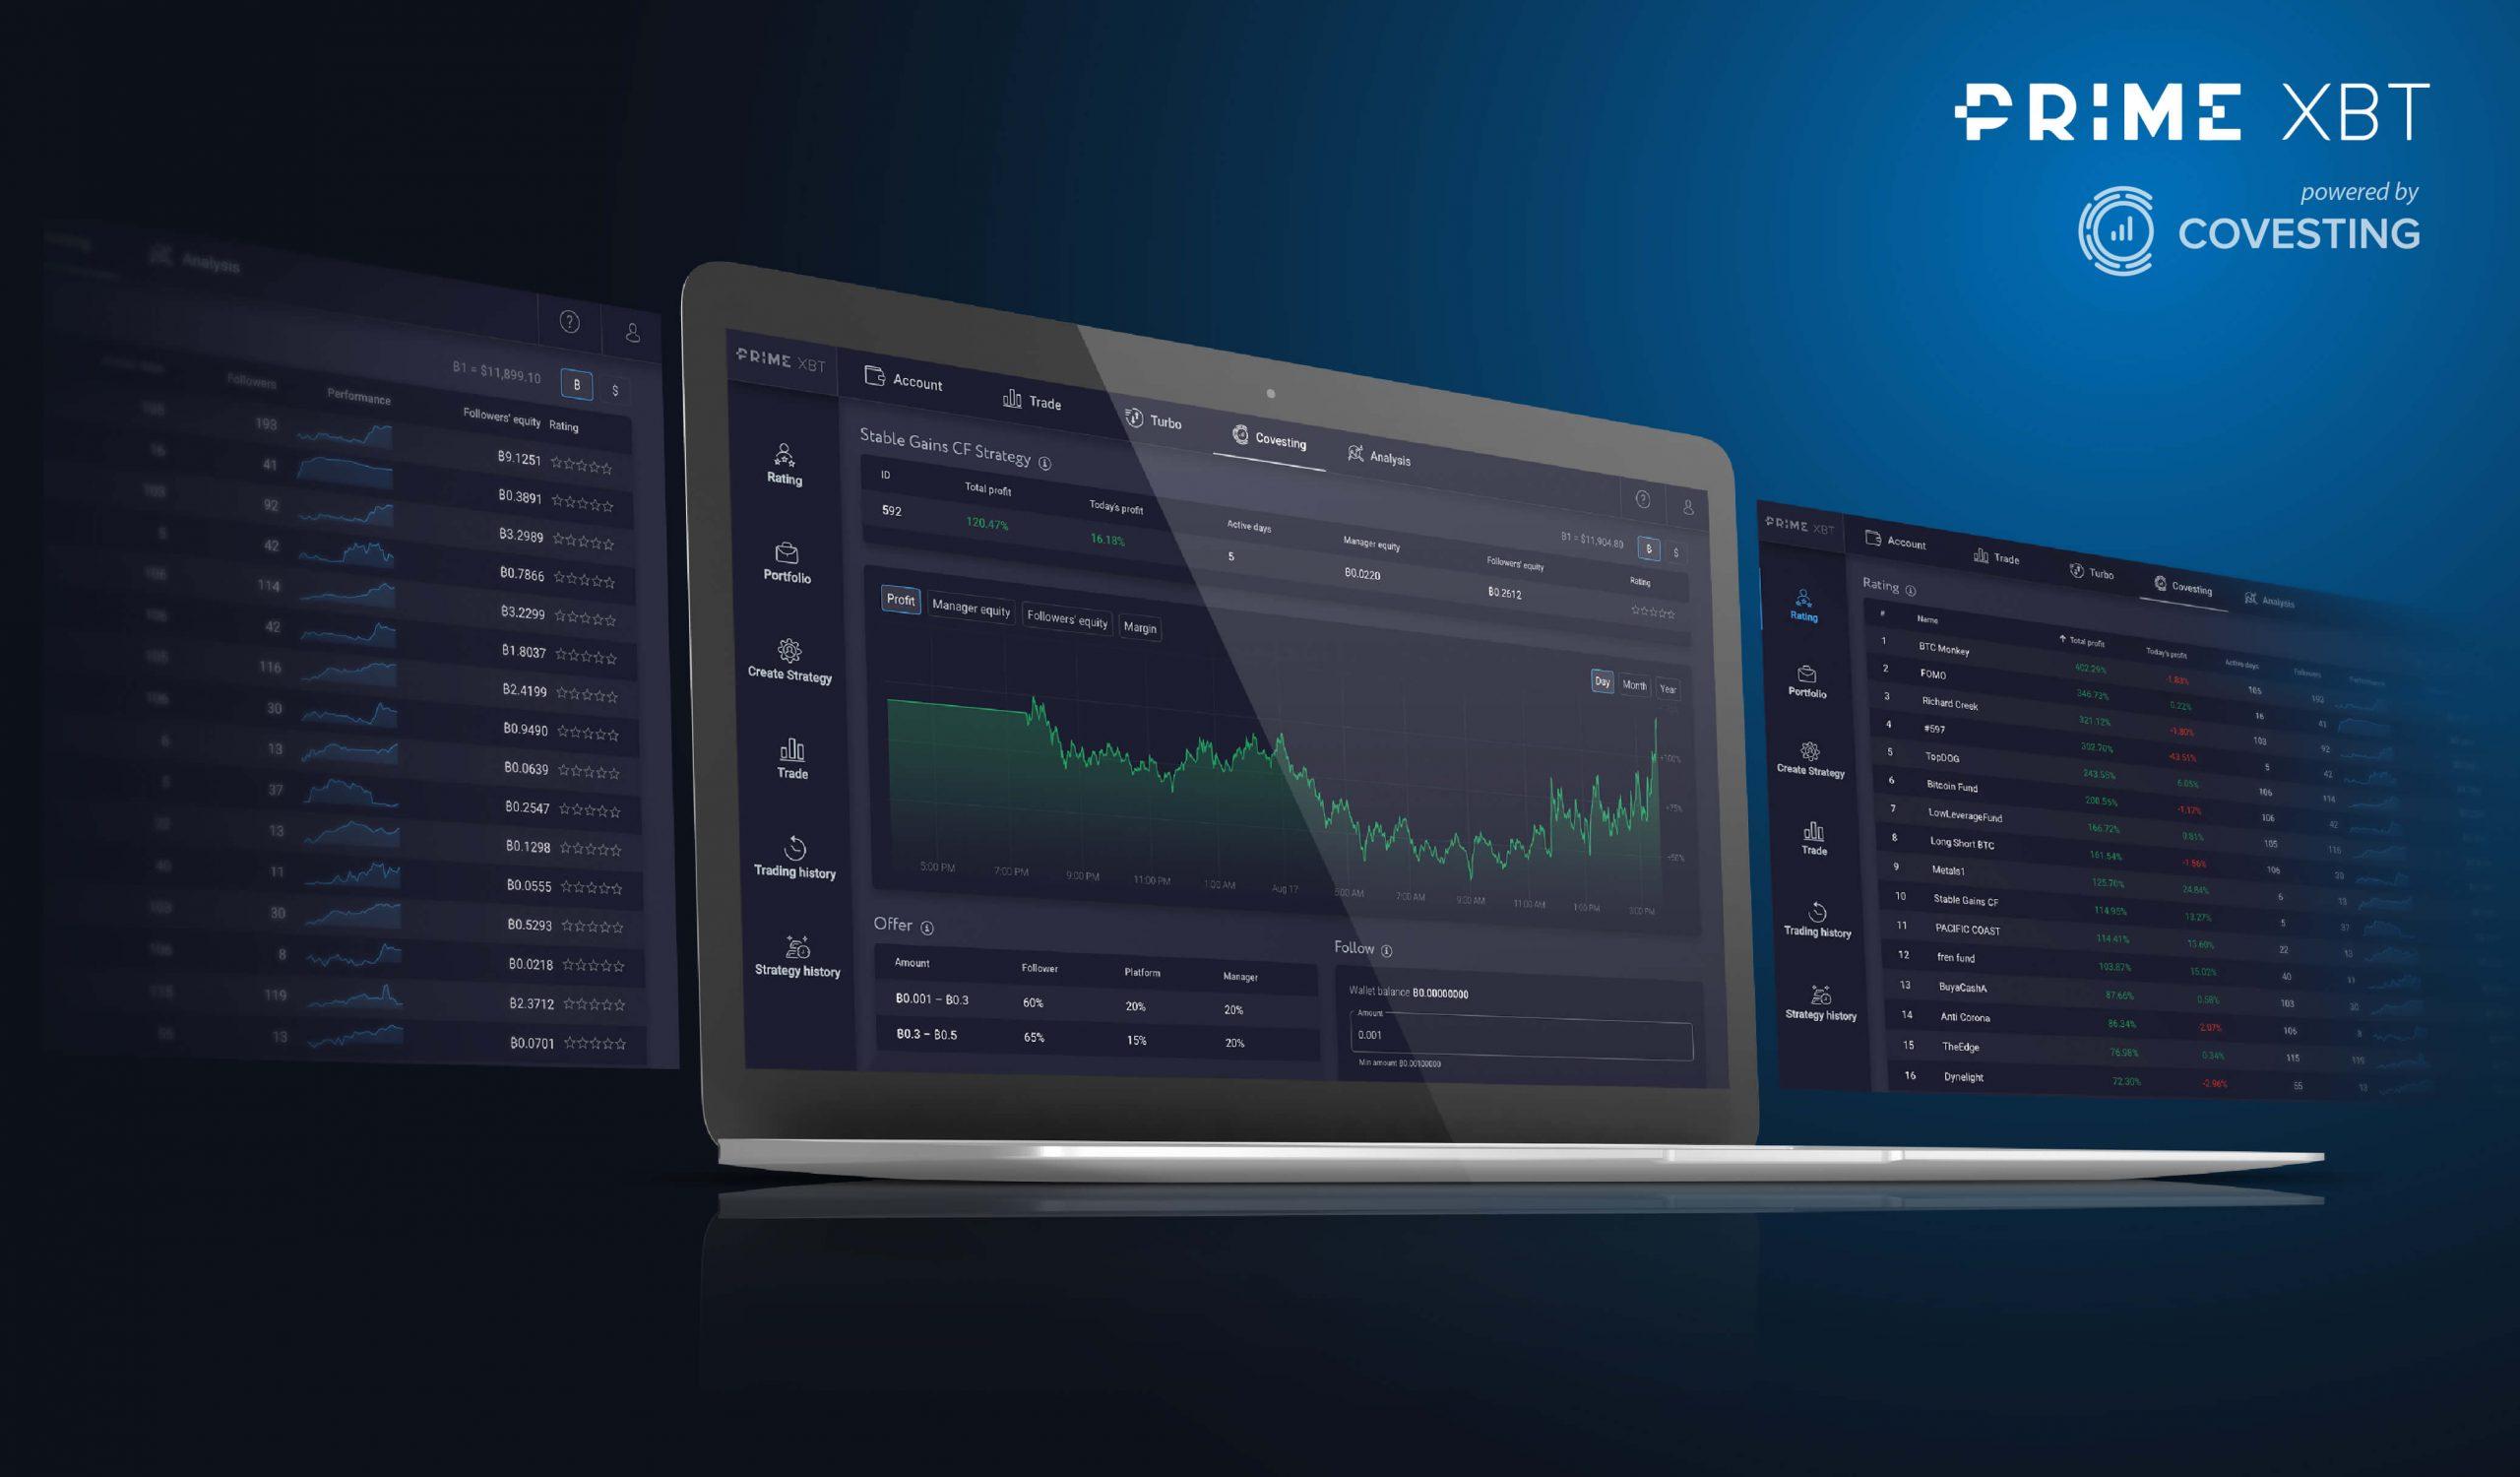 Yeni Başlayanlar İçin Covesting: PrimeXBT'de Copy Trading Nasıl Kullanılır?